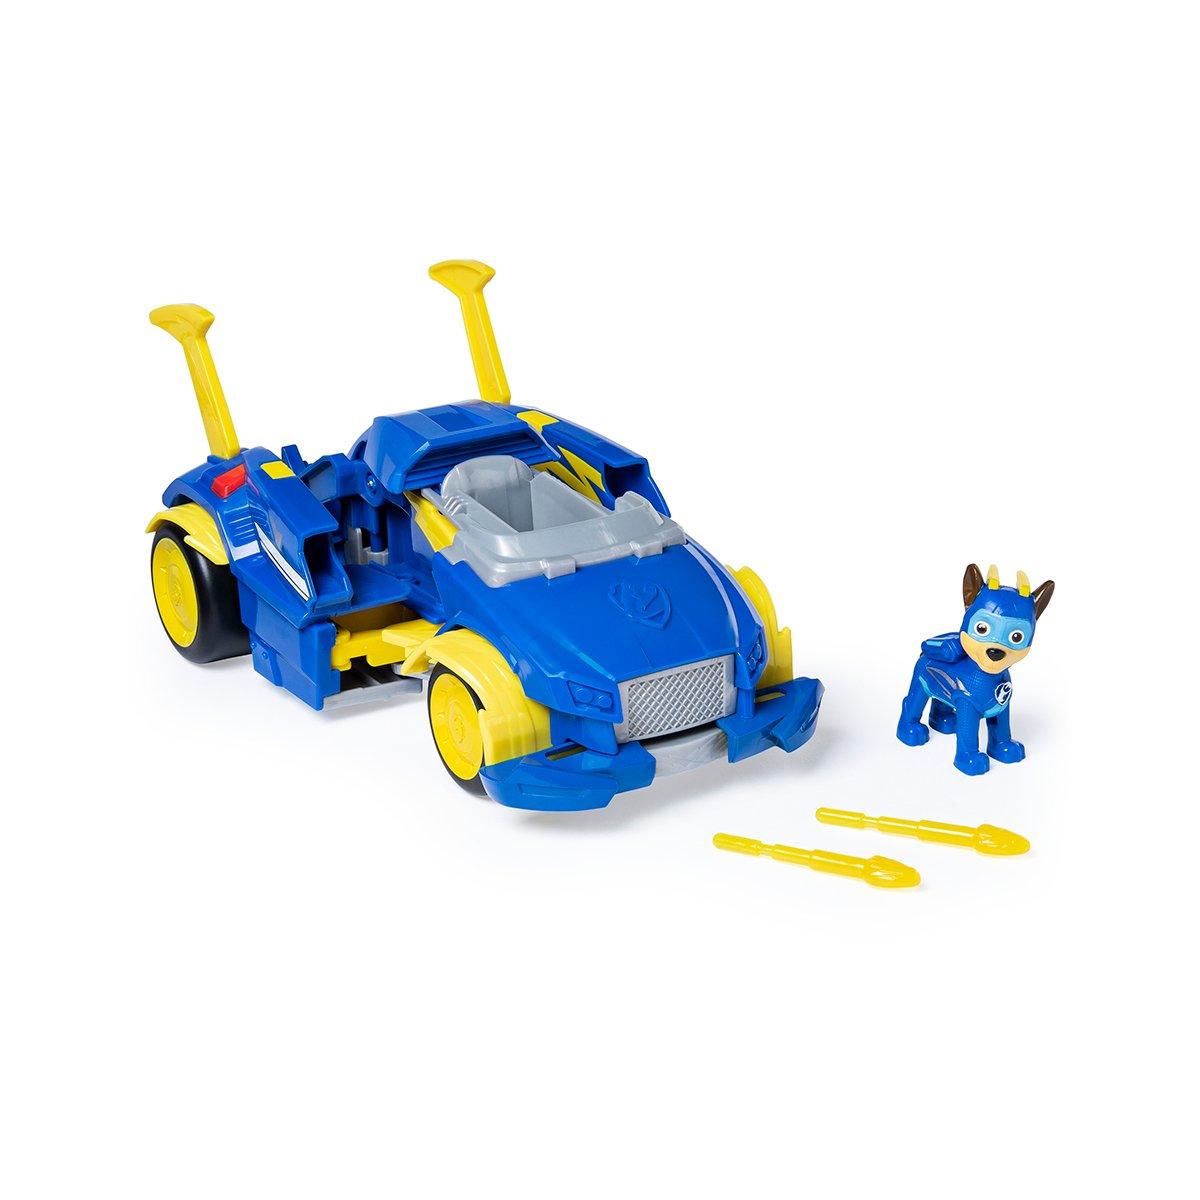 Figurina cu vehicul transformabil Paw Patrol, Chase (20115057)